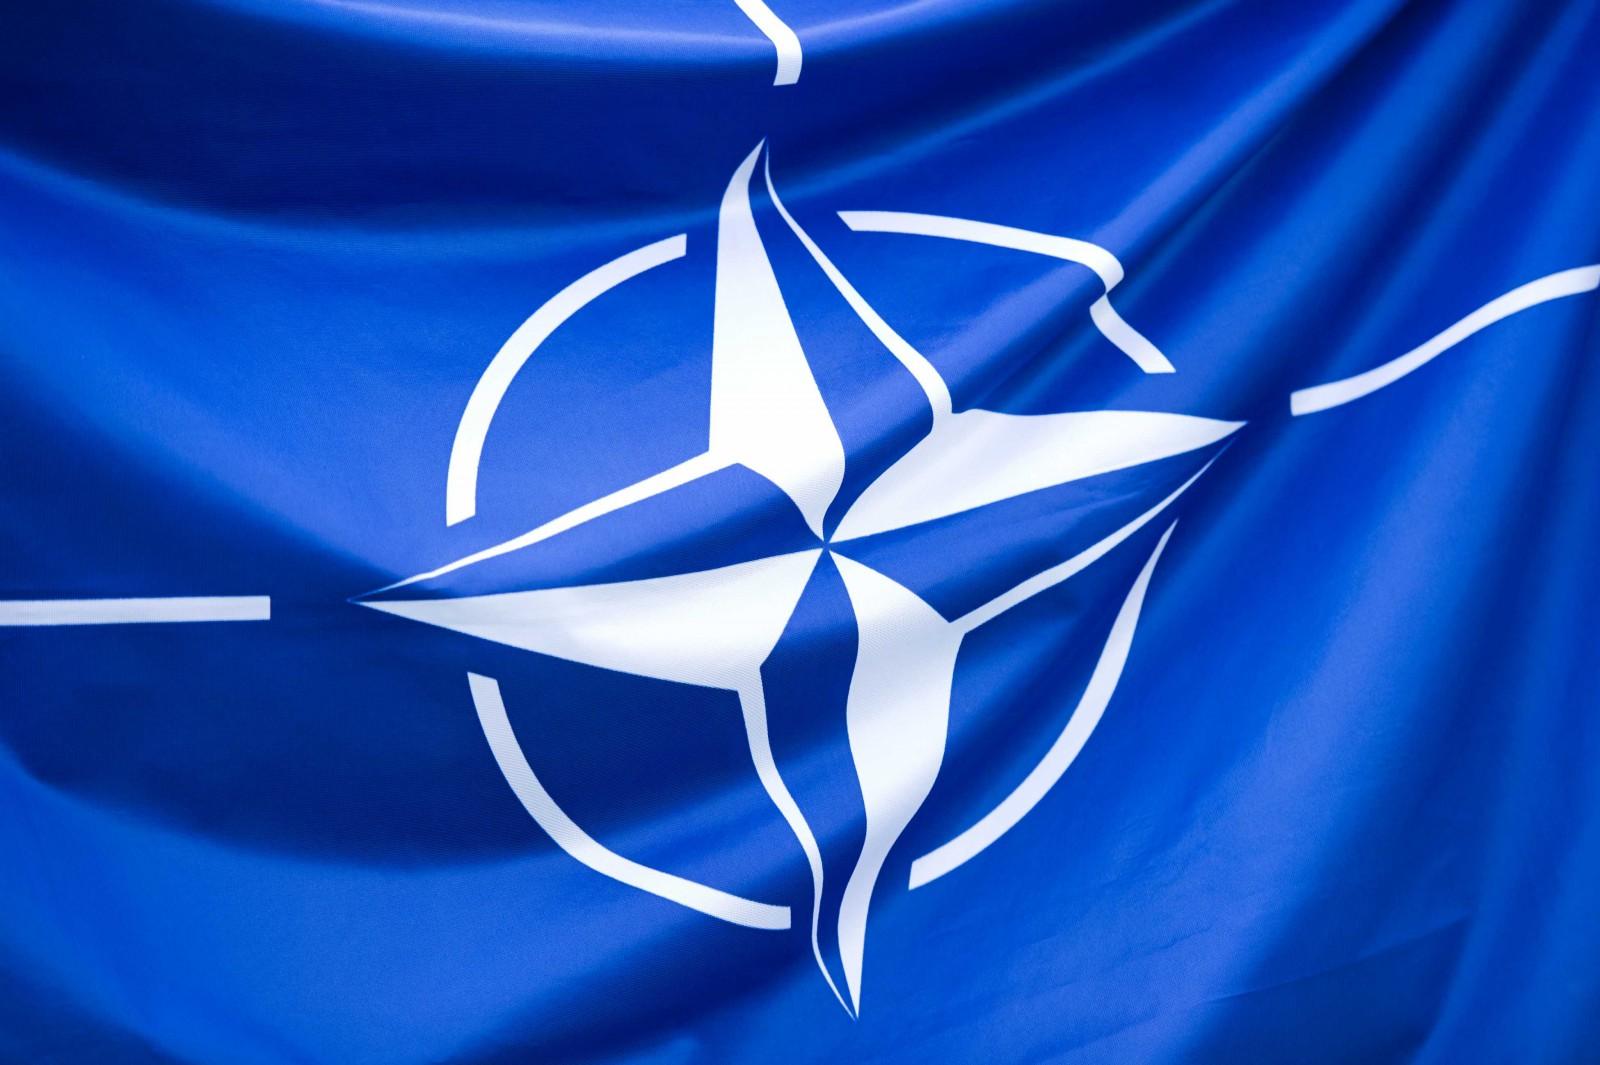 Cazul Skripal: NATO cere Moscovei să răspundă la întrebările adresate de Marea Britanie